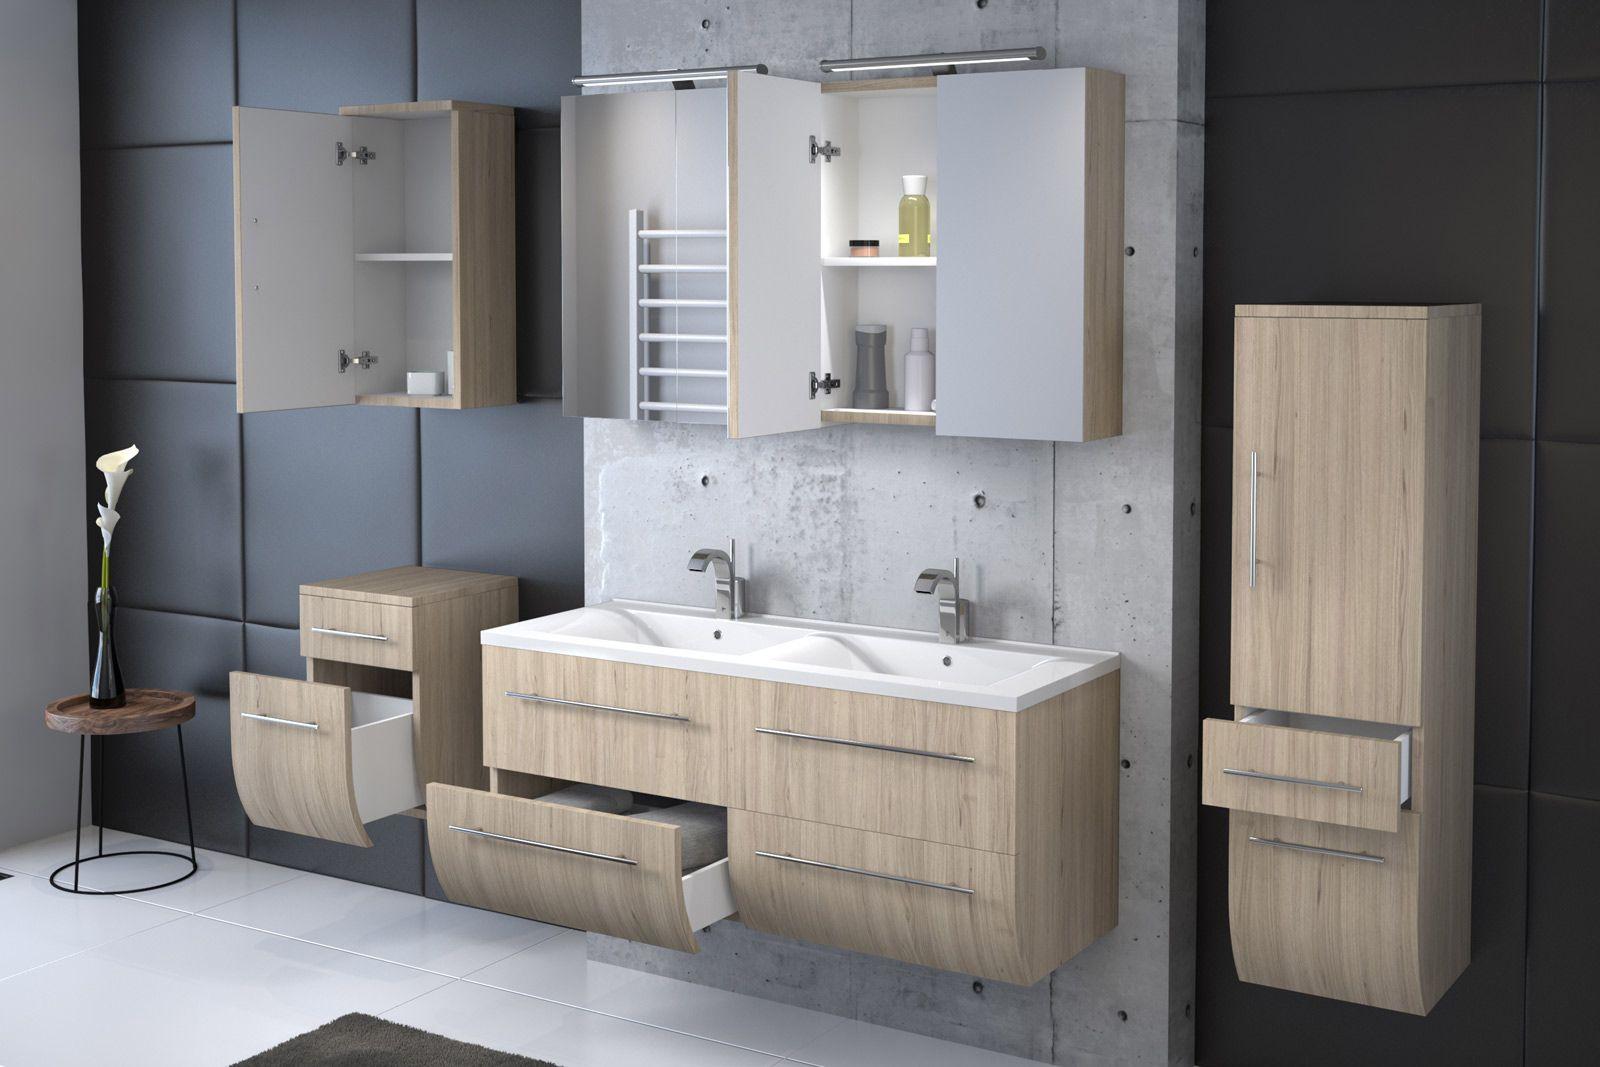 Badezimmermoebel fuer doppelwaschbecken for Badezimmermobel 120 cm